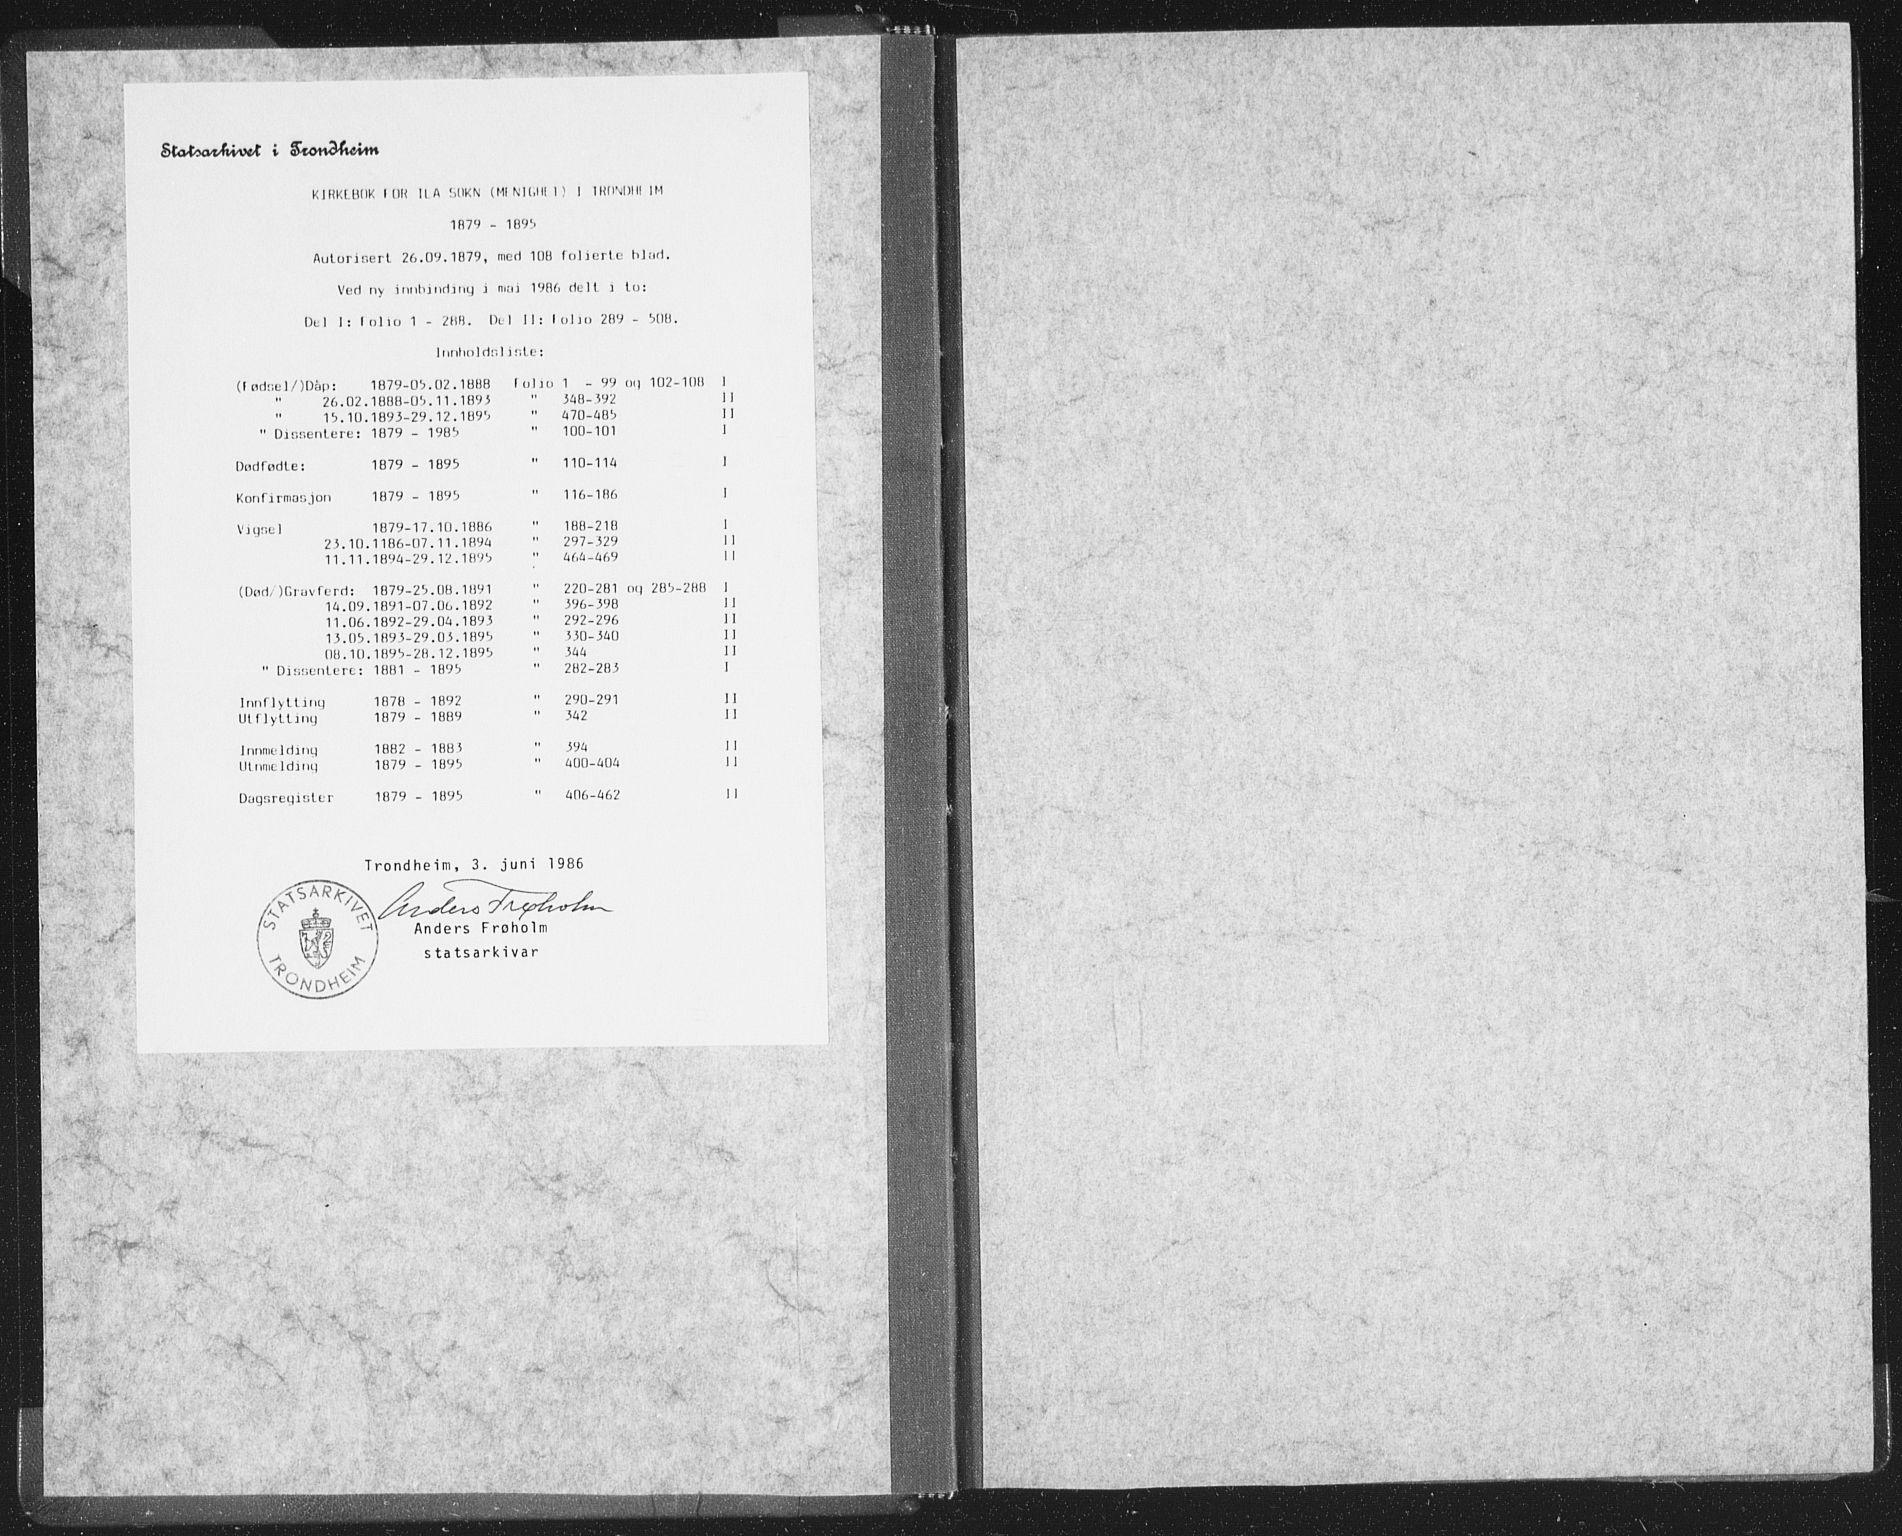 SAT, Ministerialprotokoller, klokkerbøker og fødselsregistre - Sør-Trøndelag, 603/L0163: Ministerialbok nr. 603A02, 1879-1895